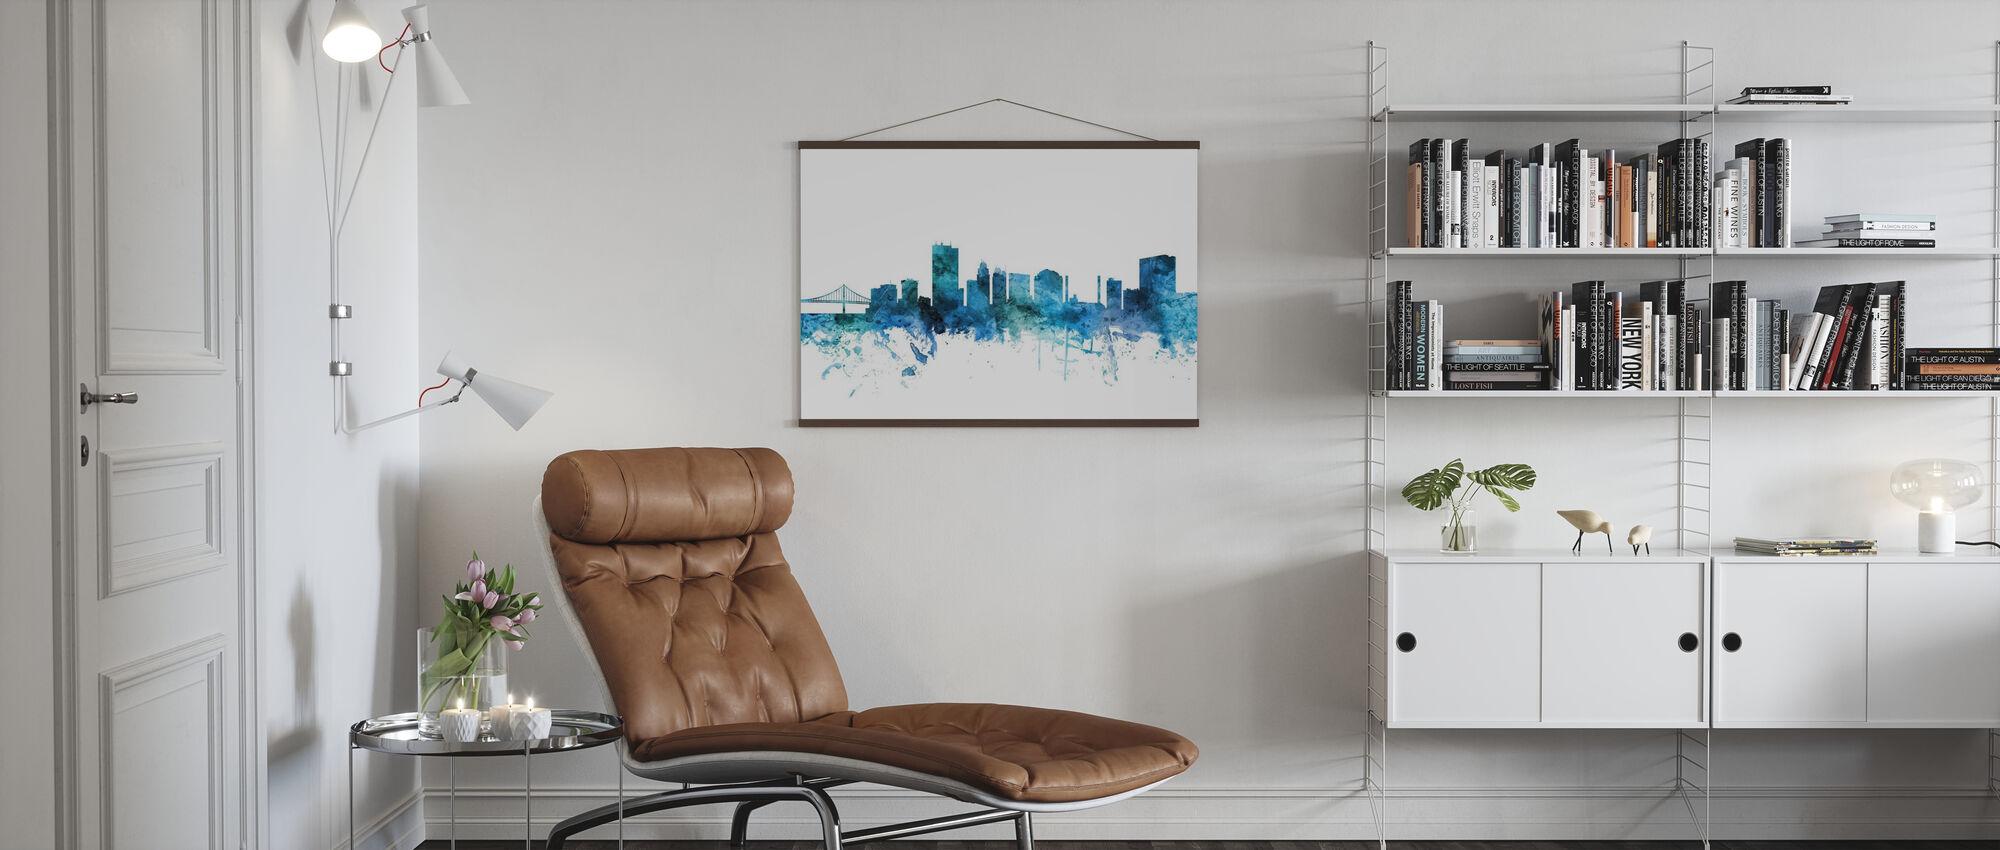 Skyline von Toledo Ohio - Poster - Wohnzimmer